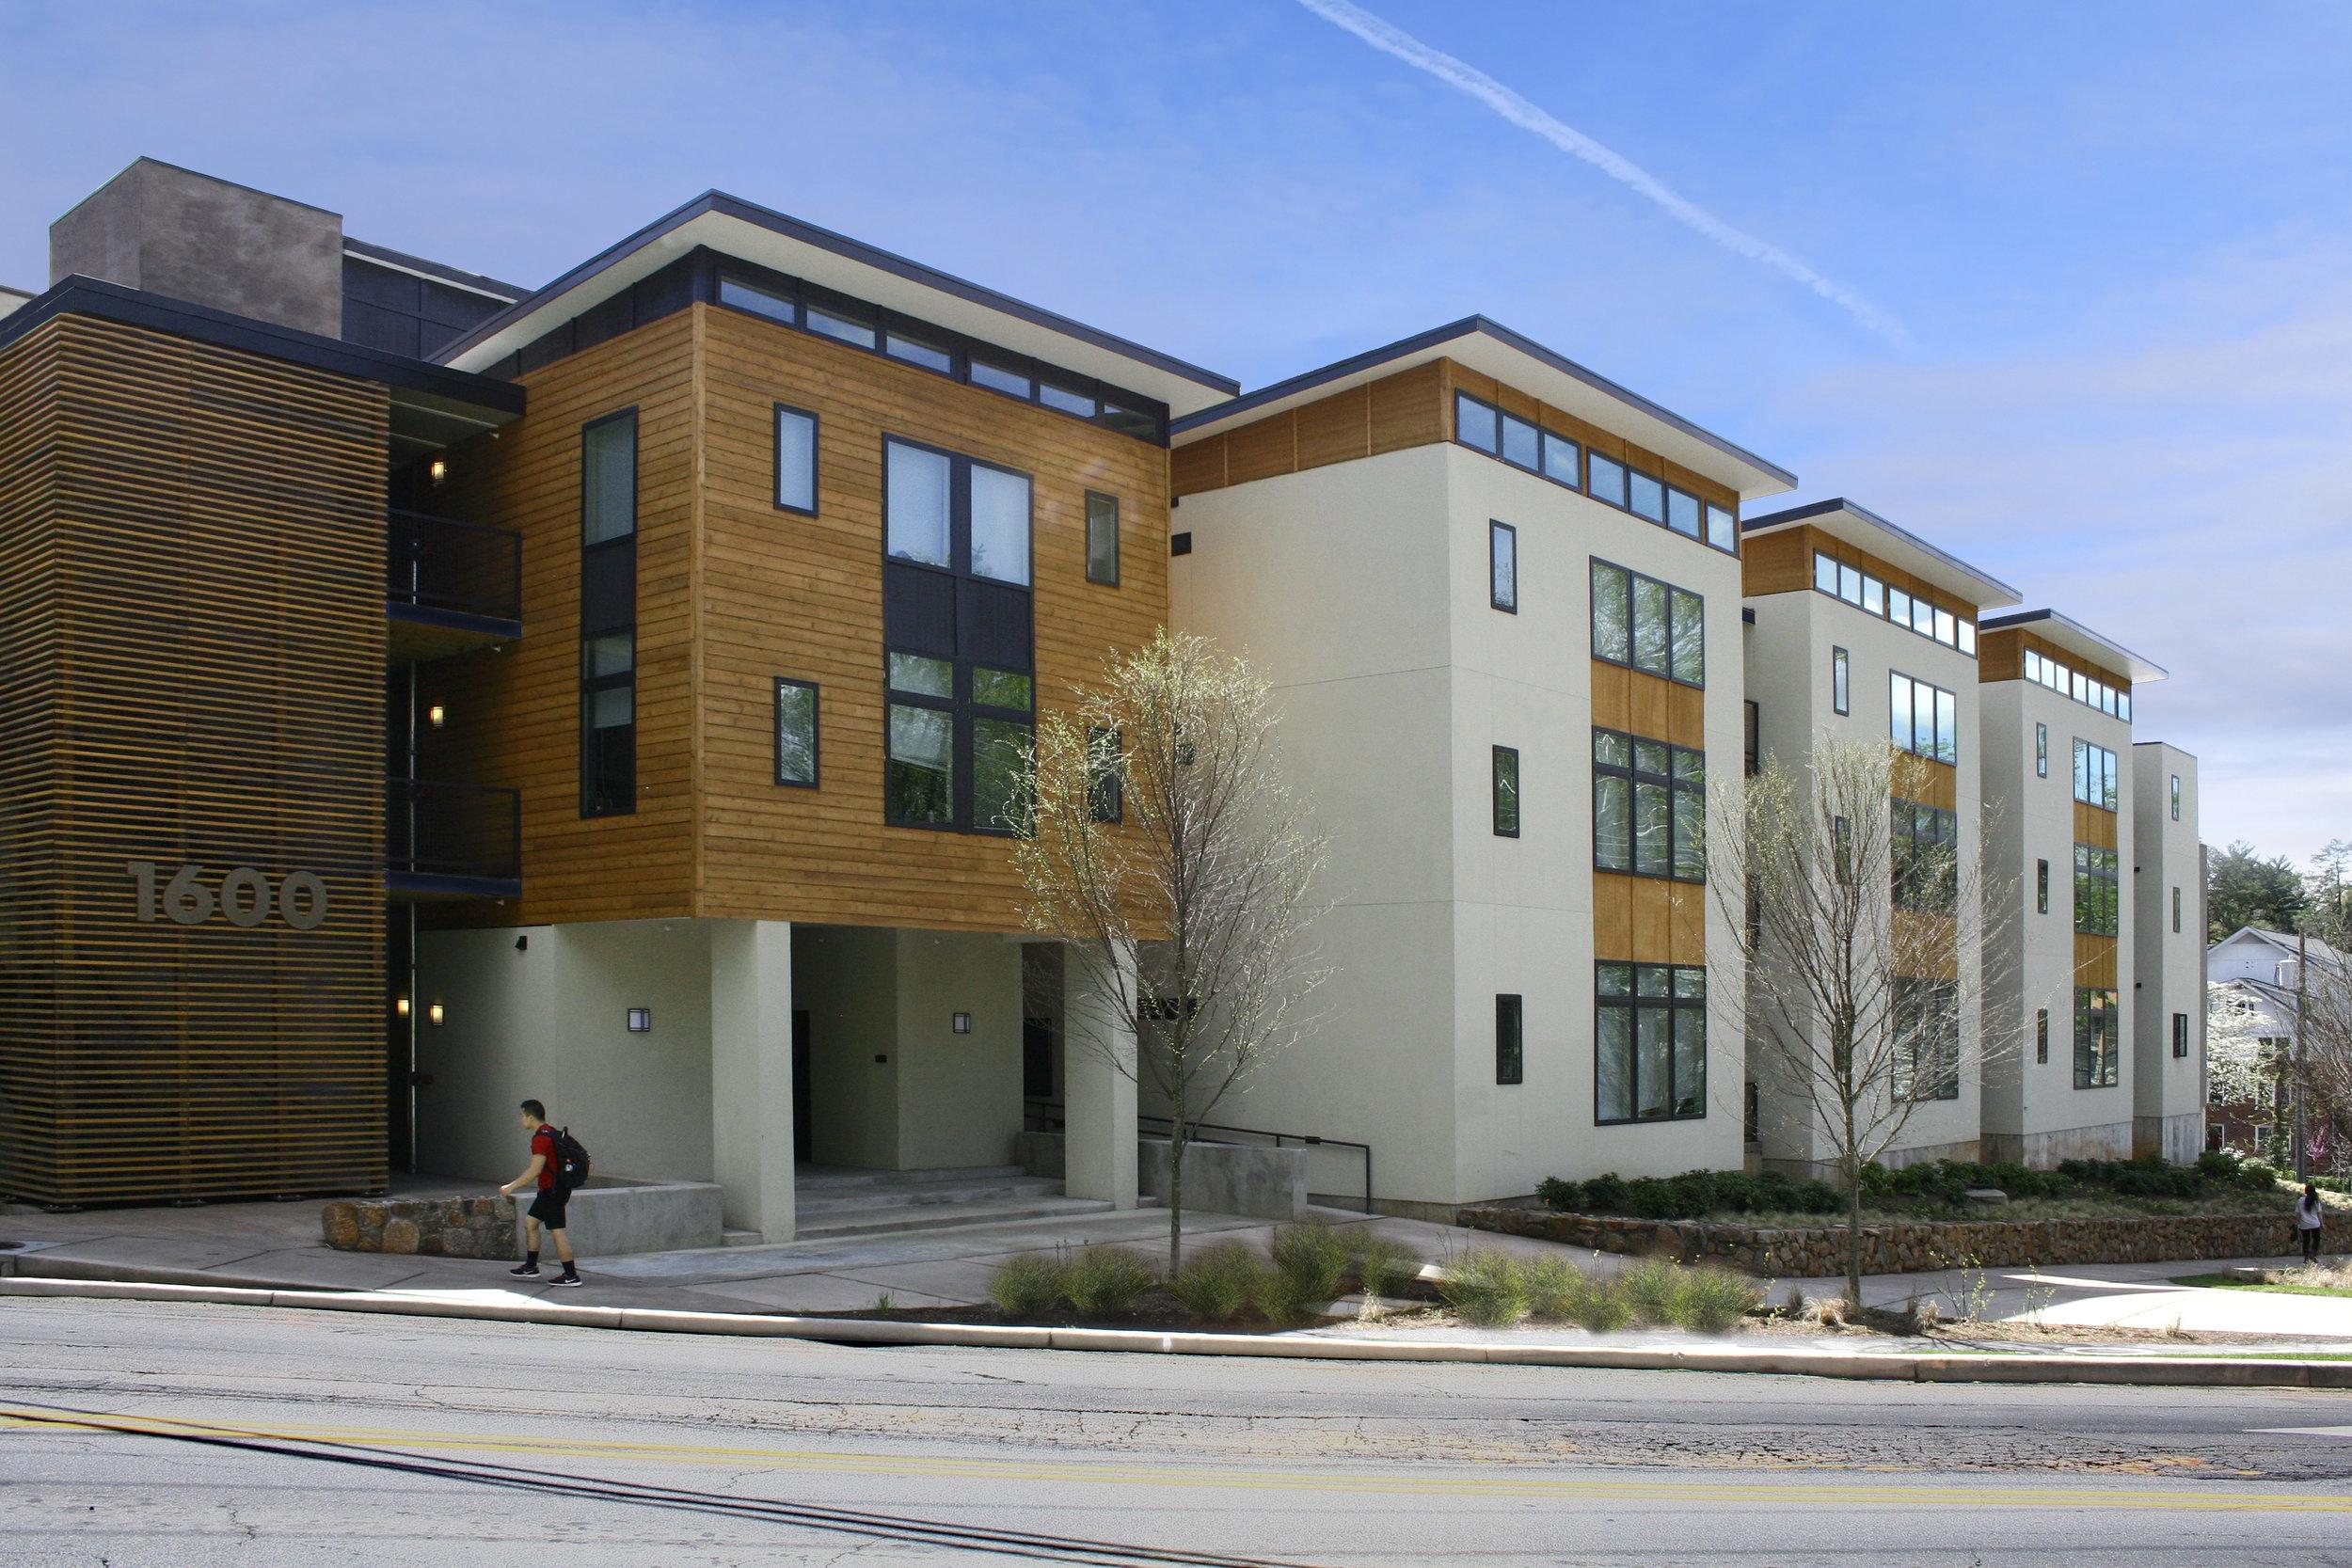 South Range Multi-Family Housing